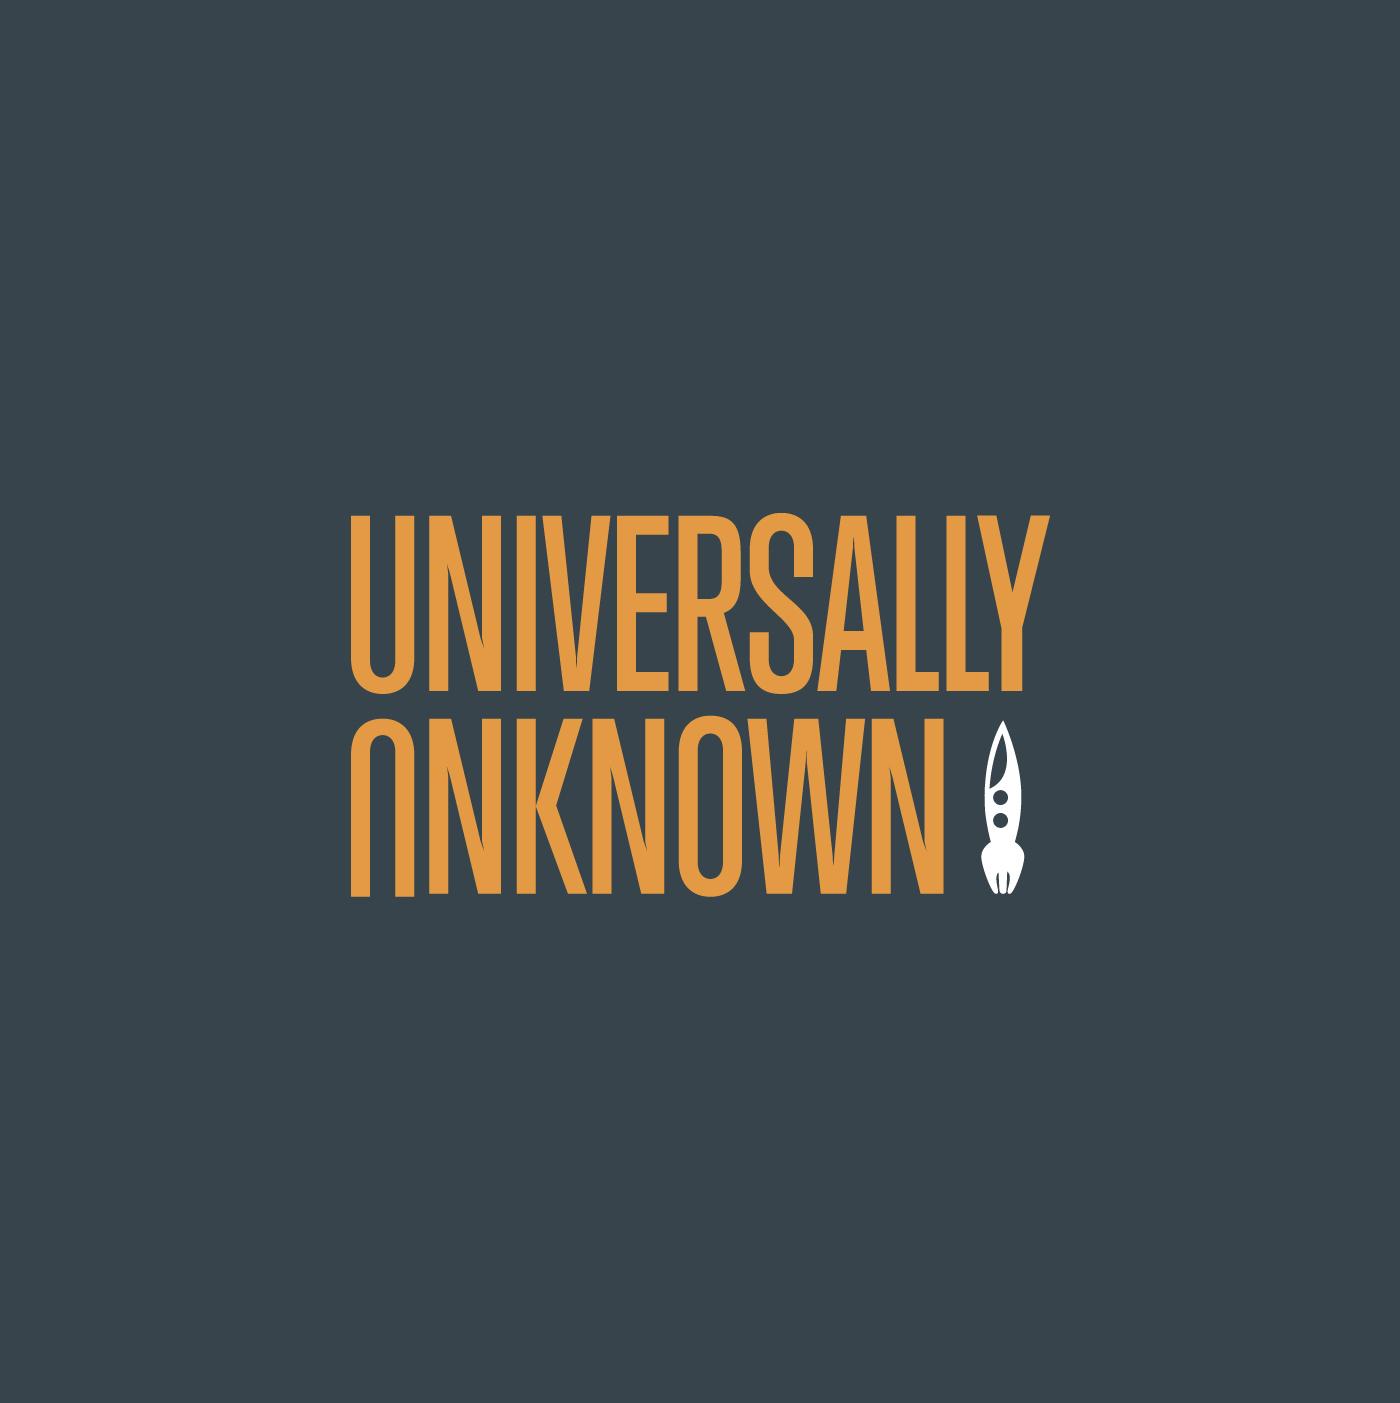 MQ41-universallyunknown.jpg